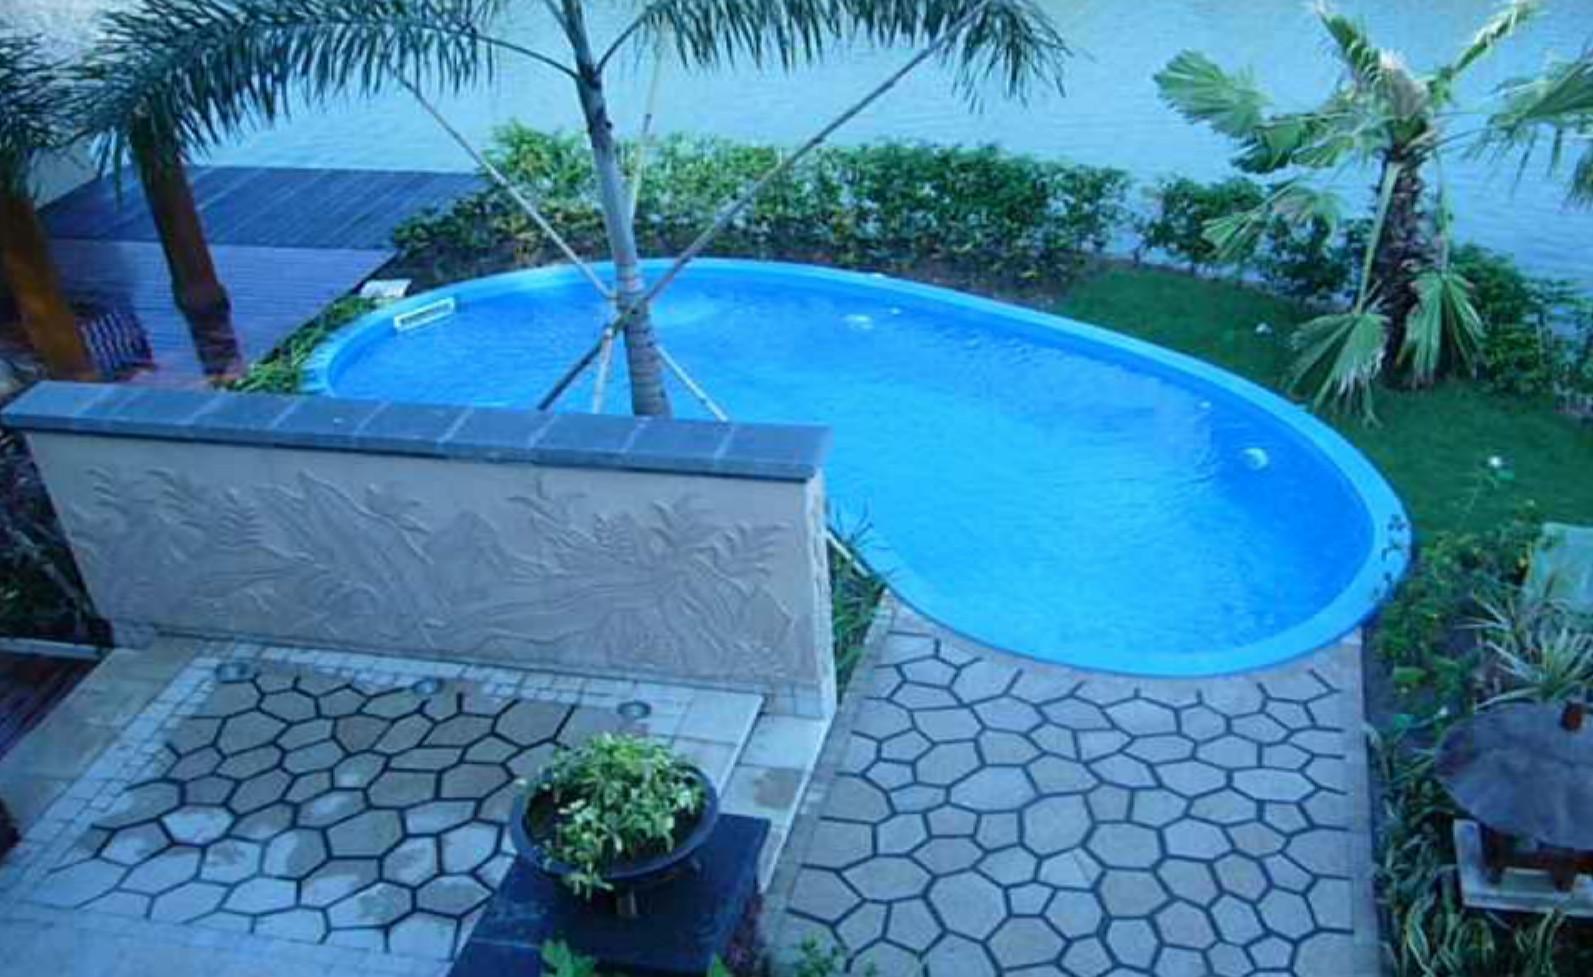 私家恒温泳池设备